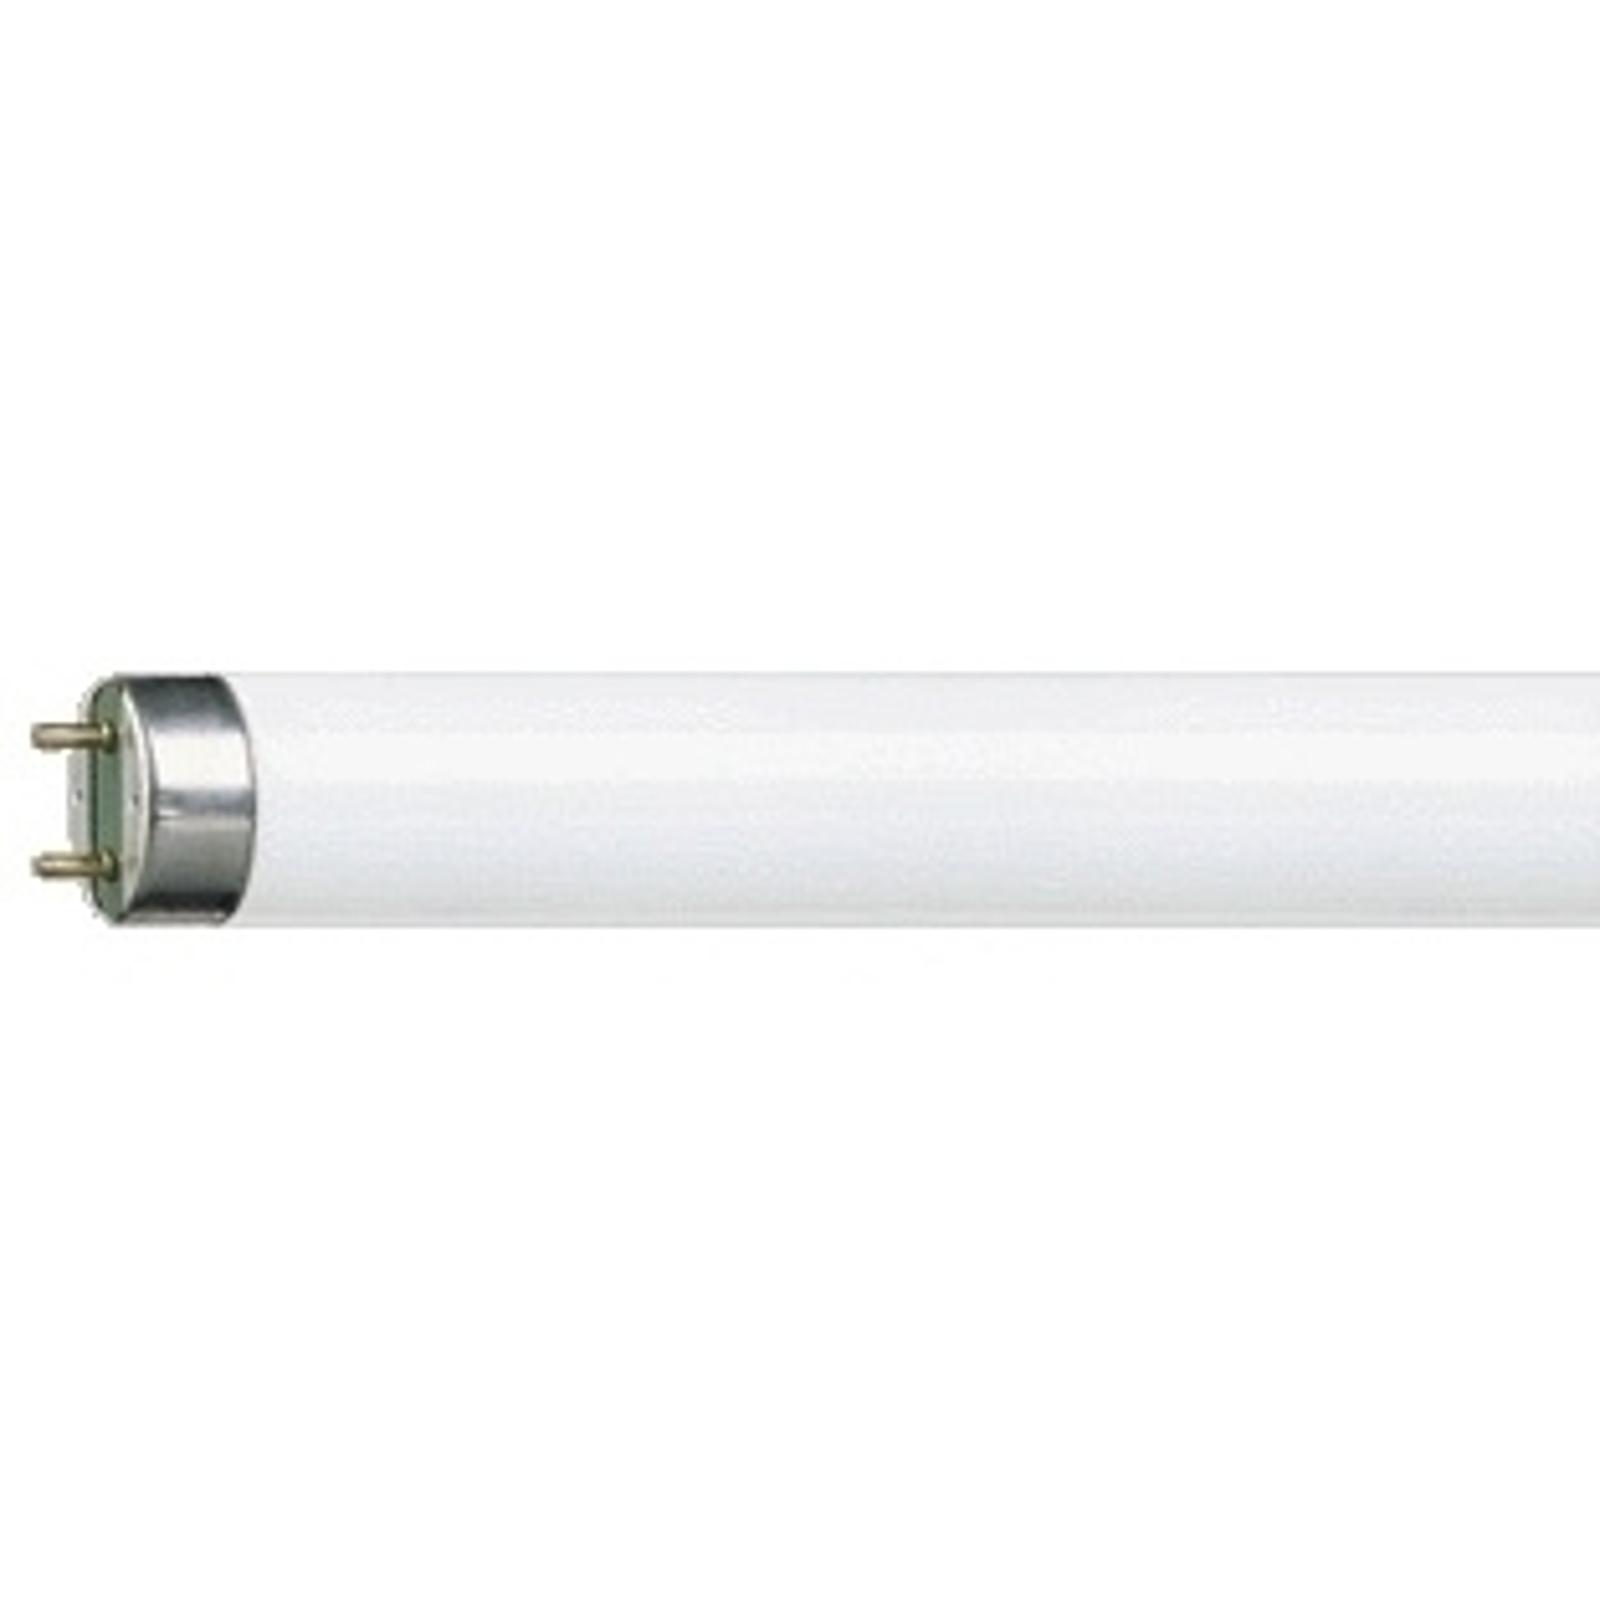 Leuchtstoffröhre G13 T8 18W MASTER TL-D Super 865